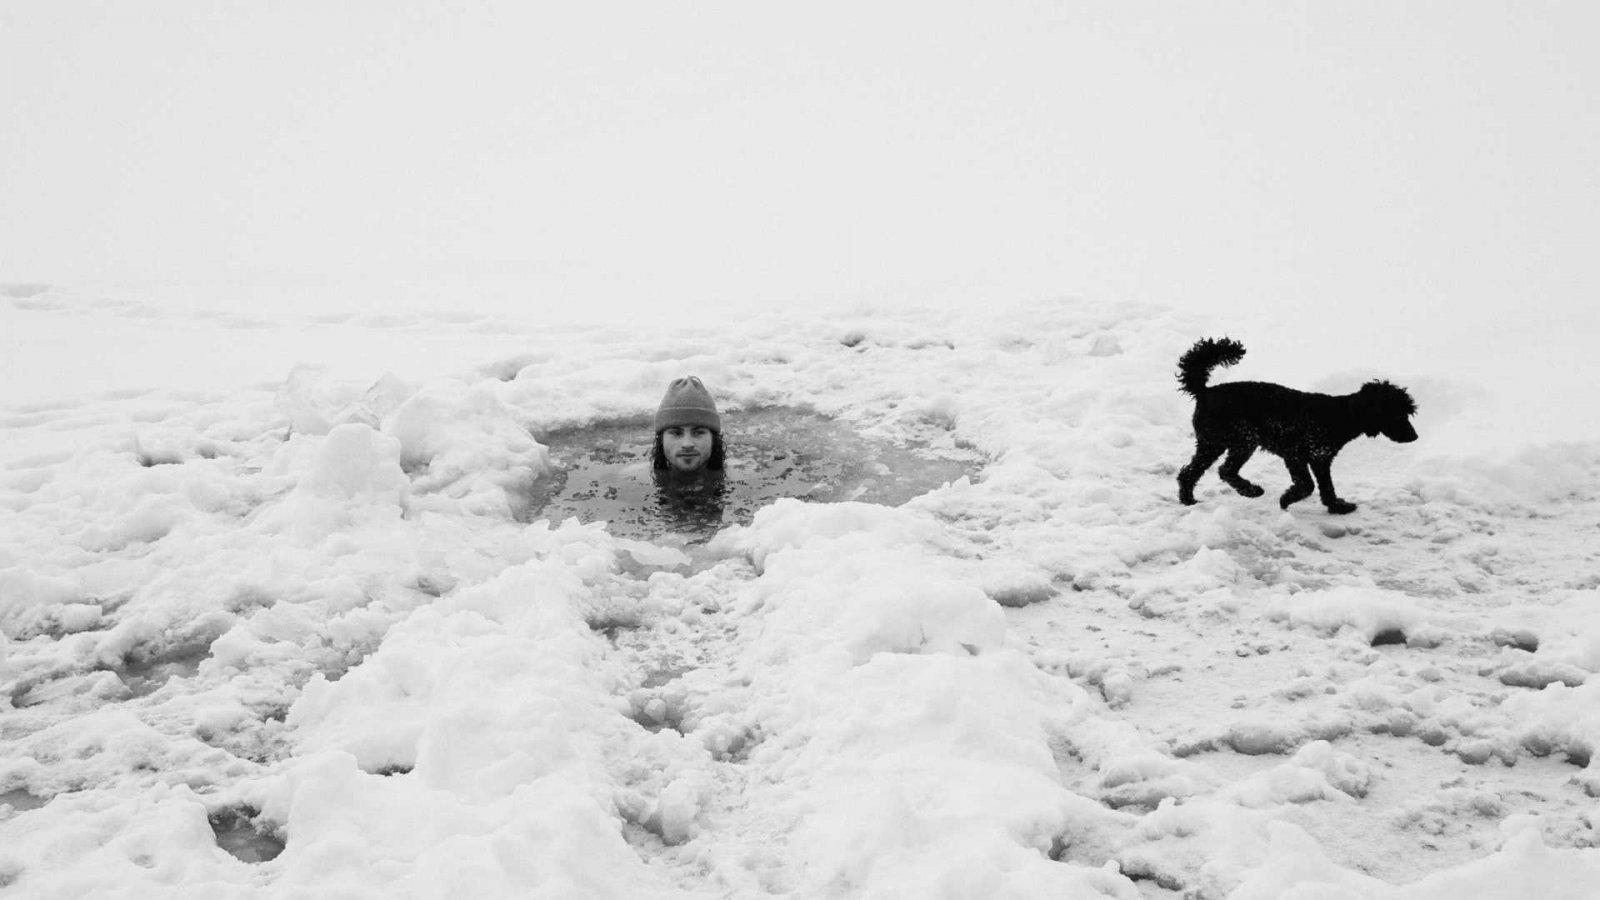 Jaakko Ojanen's Ice Bath